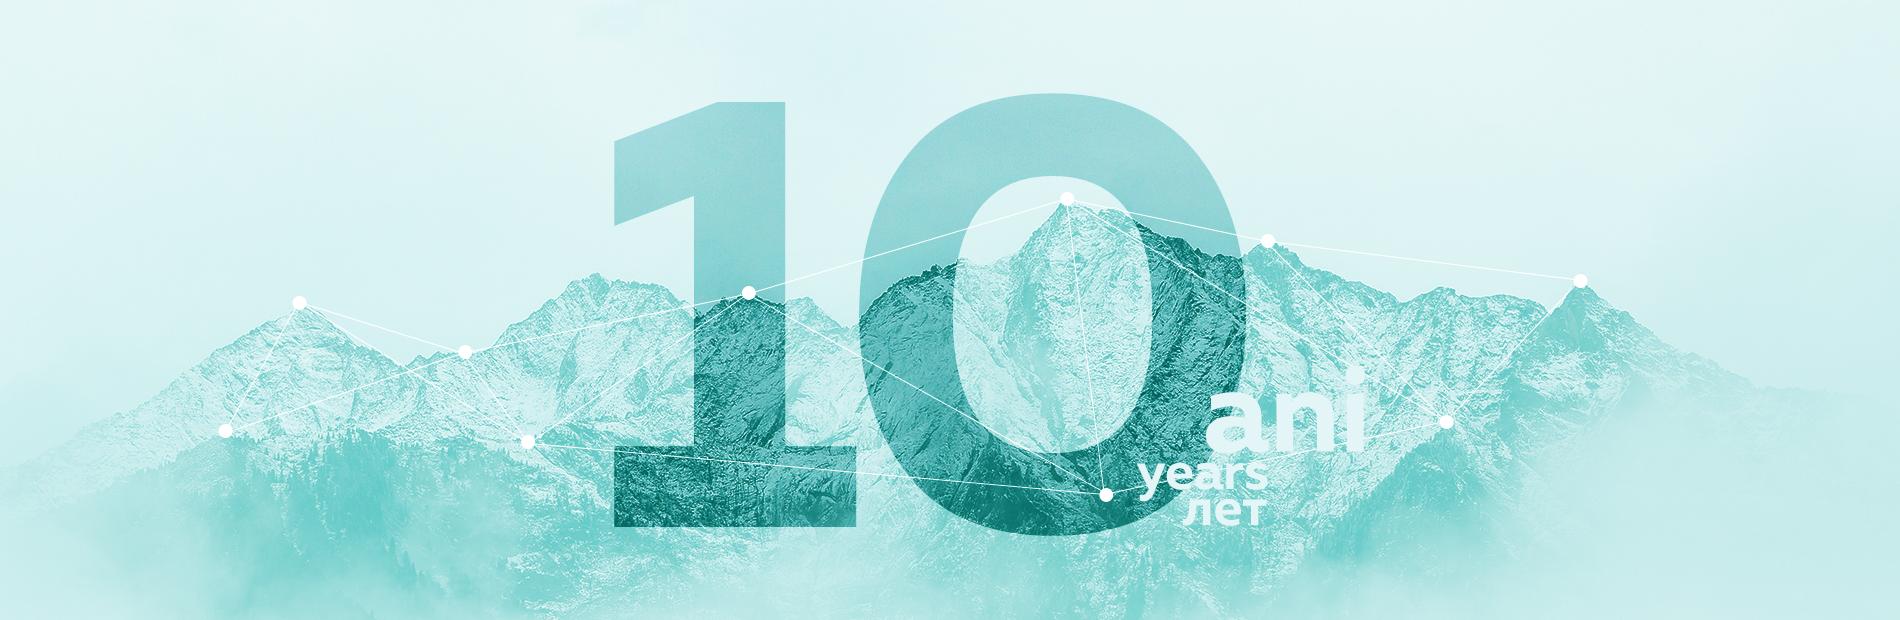 Celebrare 10 ani